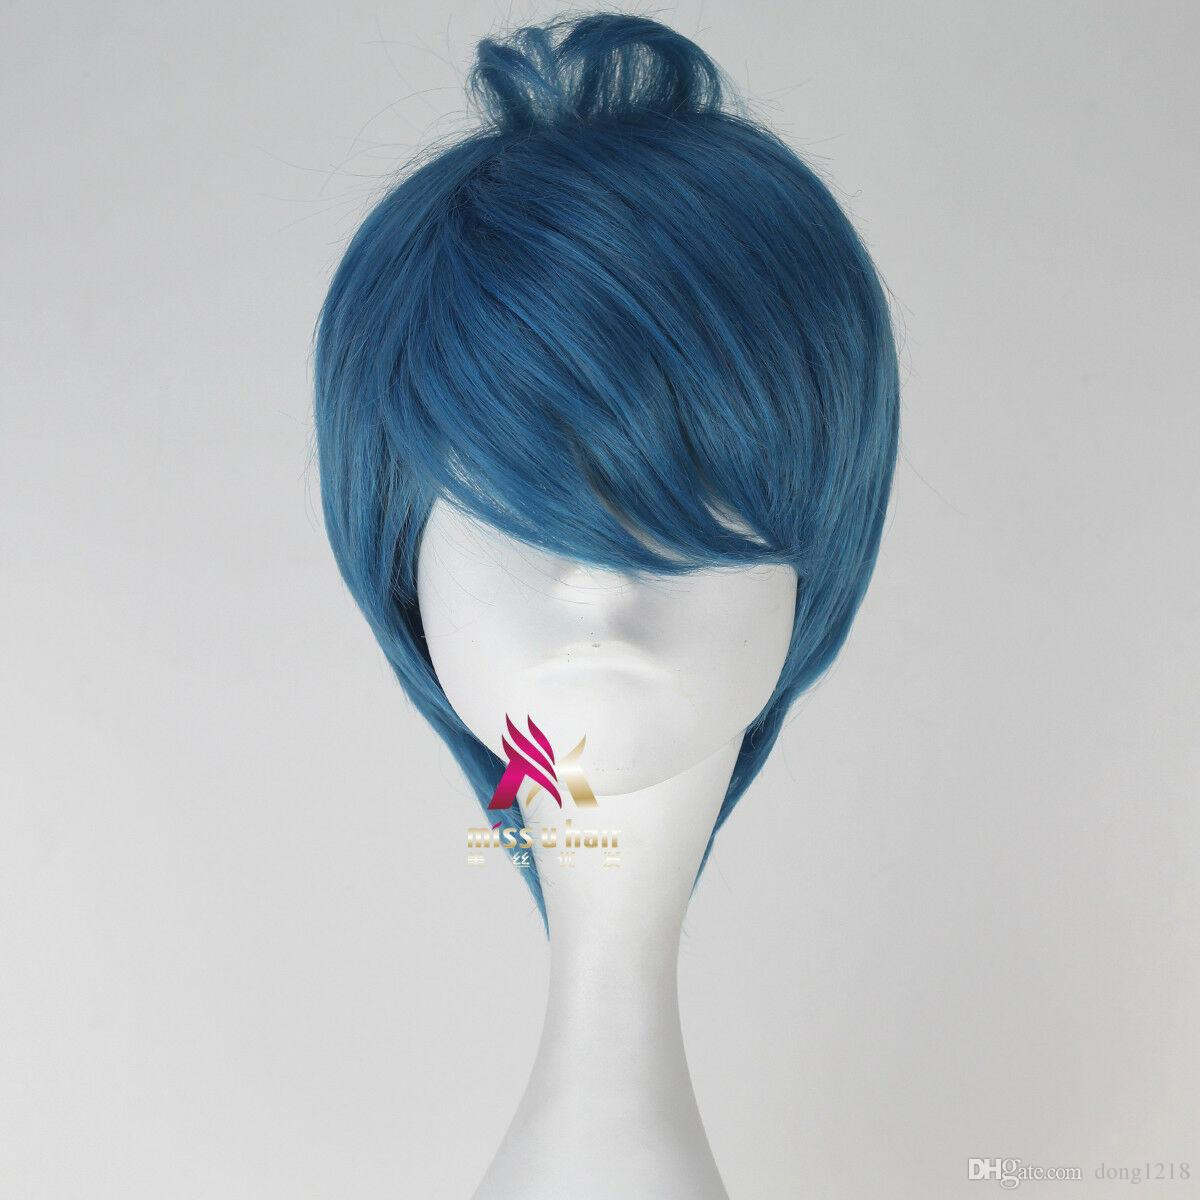 Perruque courte couleur grise bleue film couleur cosplay